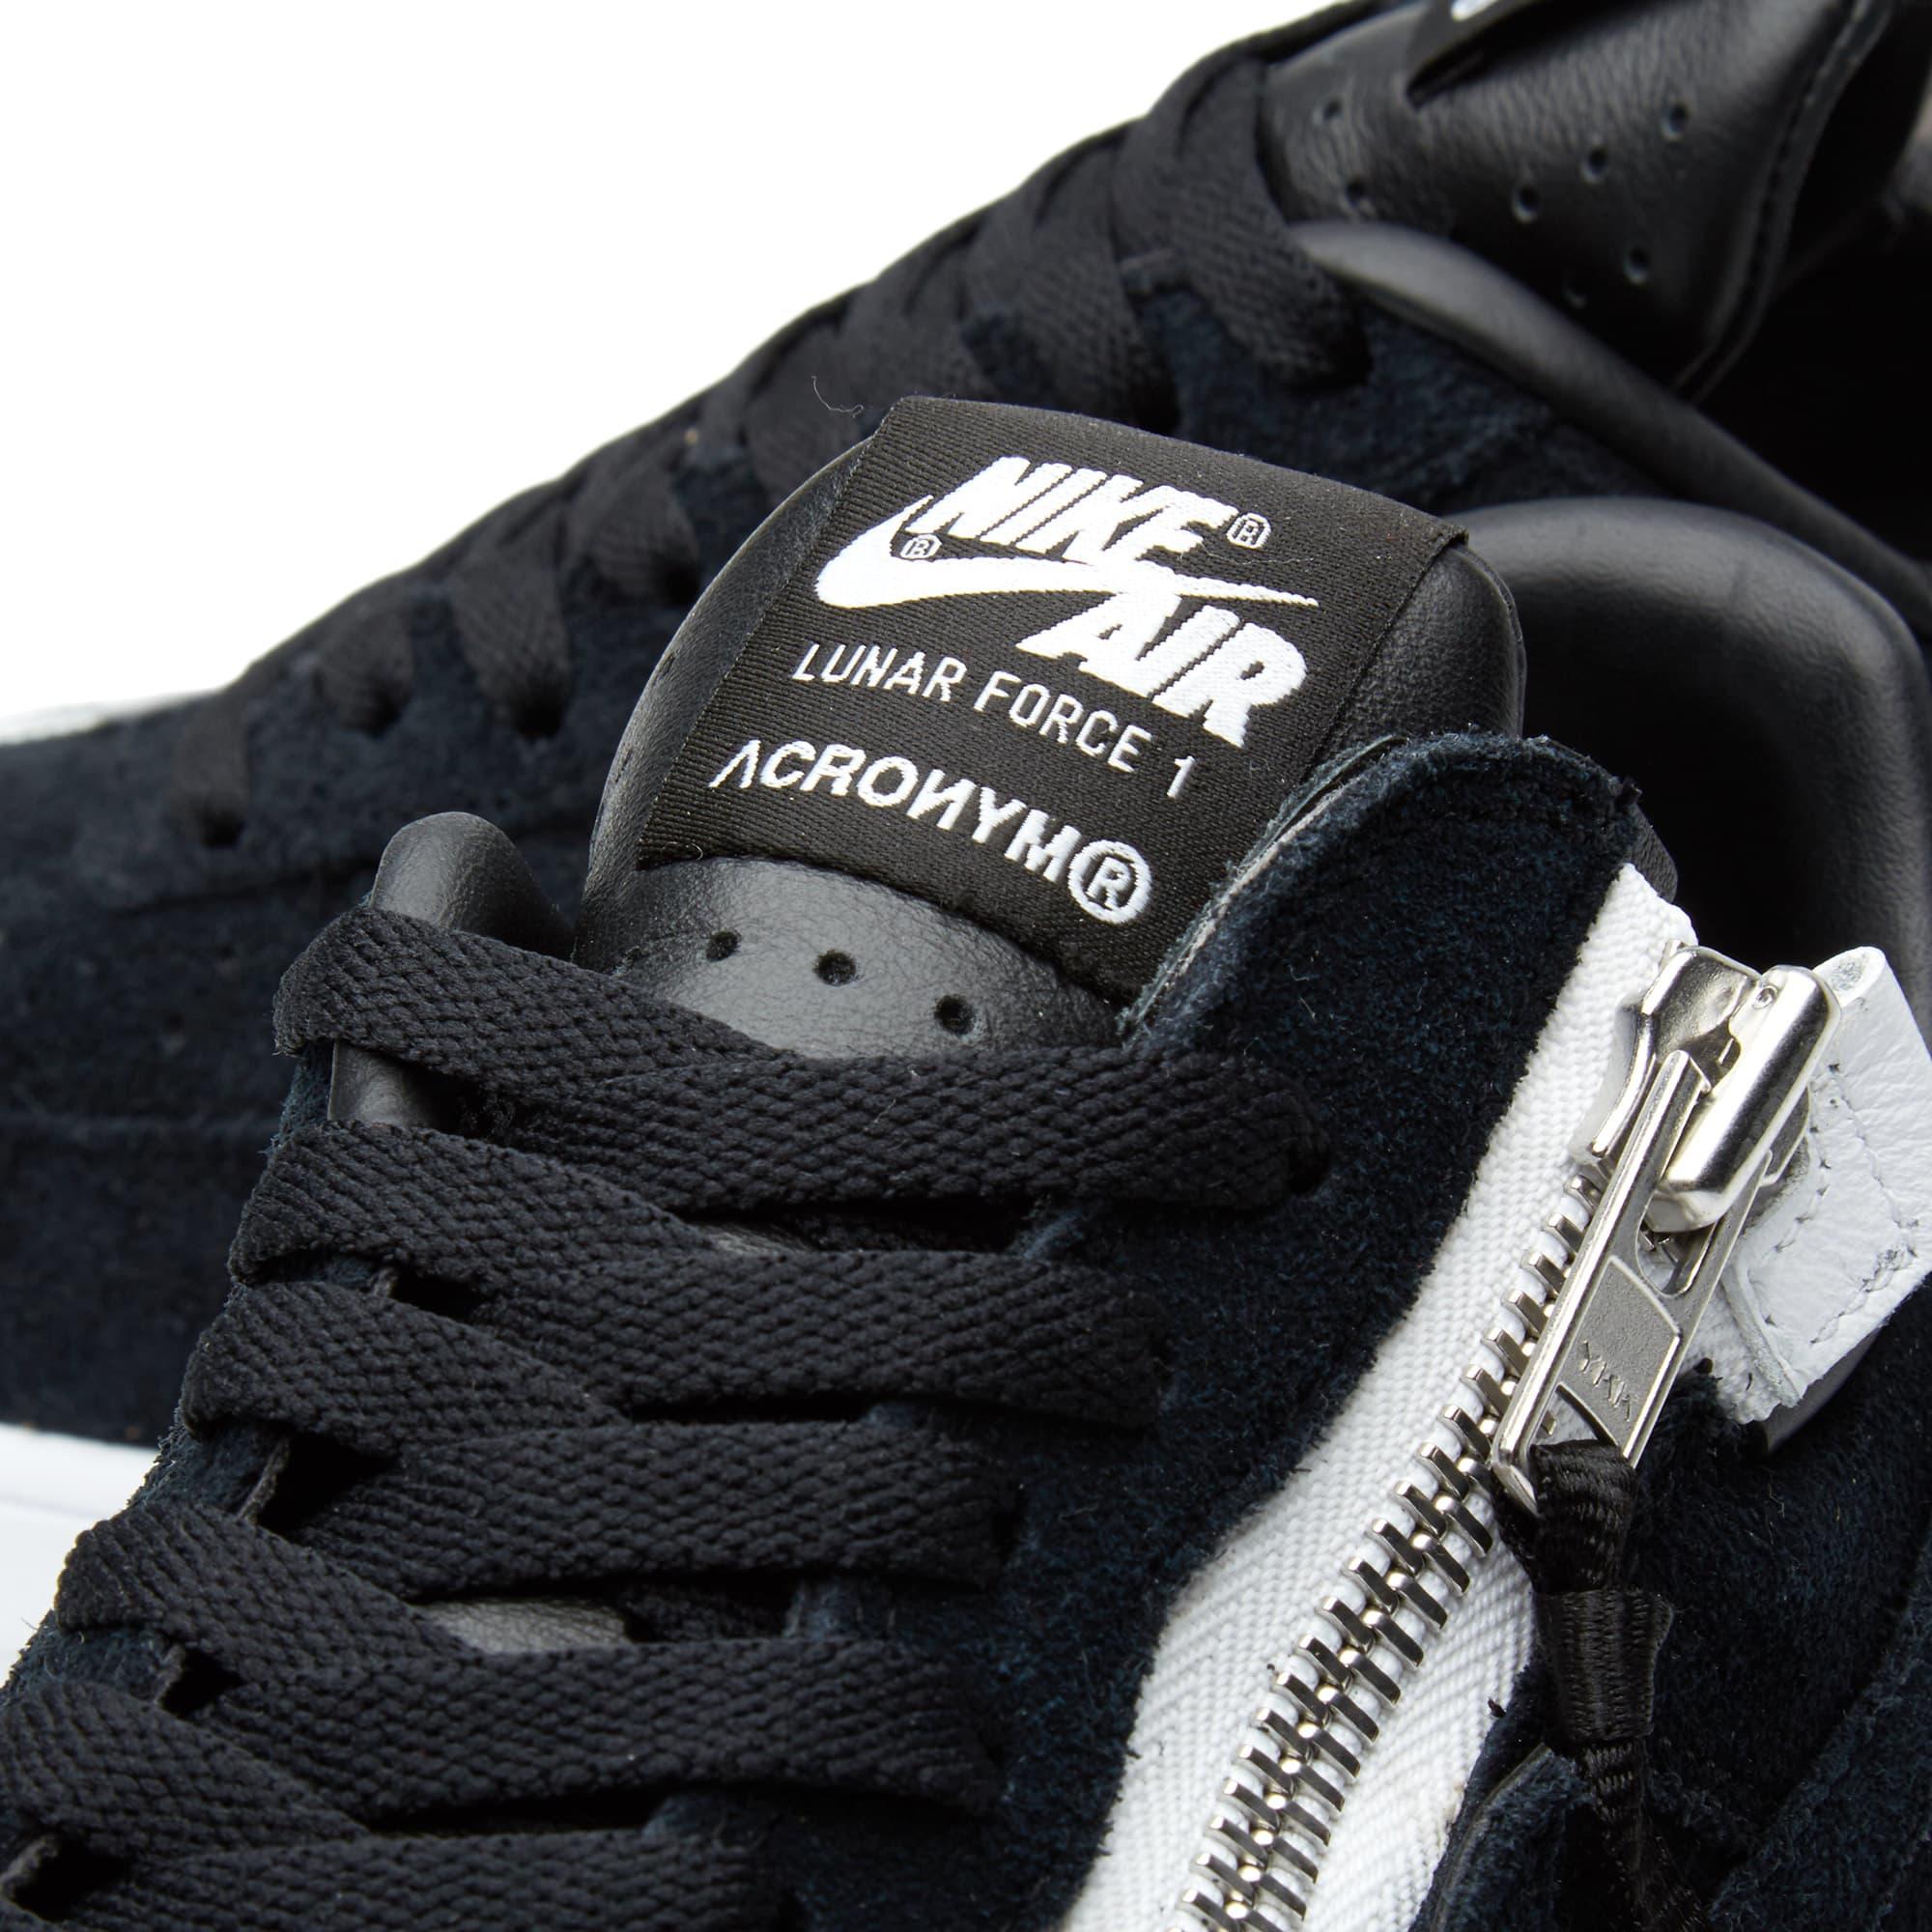 Nike x Acronym Lunar Force 1 SP - Black & White